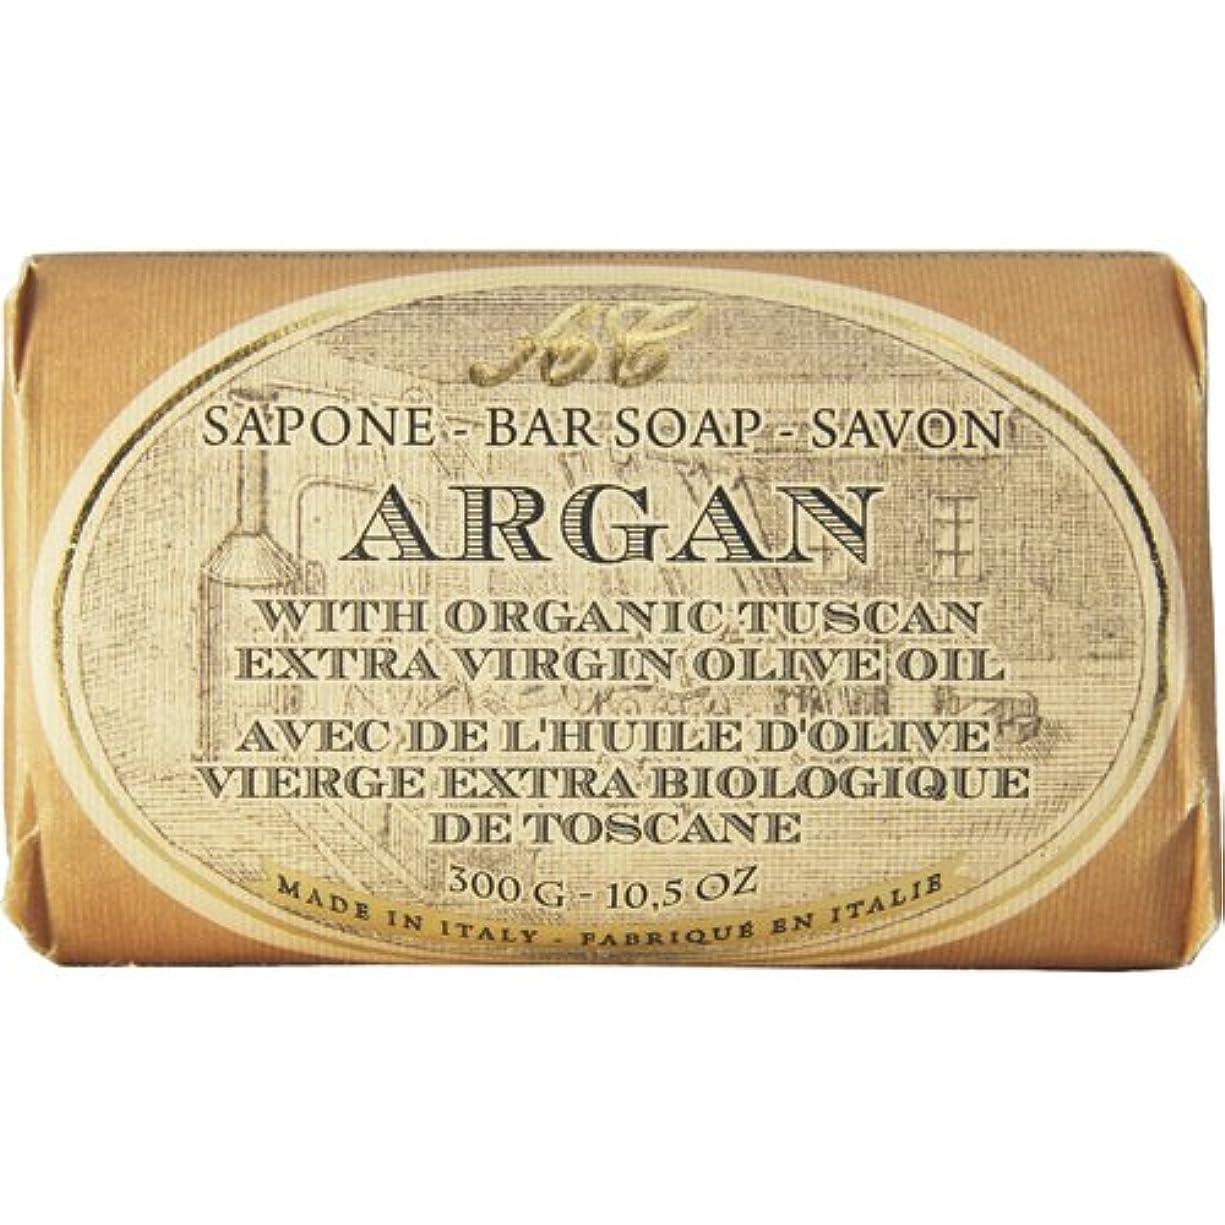 第なんでも伝説Saponerire Fissi レトロシリーズ Bar Soap バーソープ 300g Argan アルガンオイル